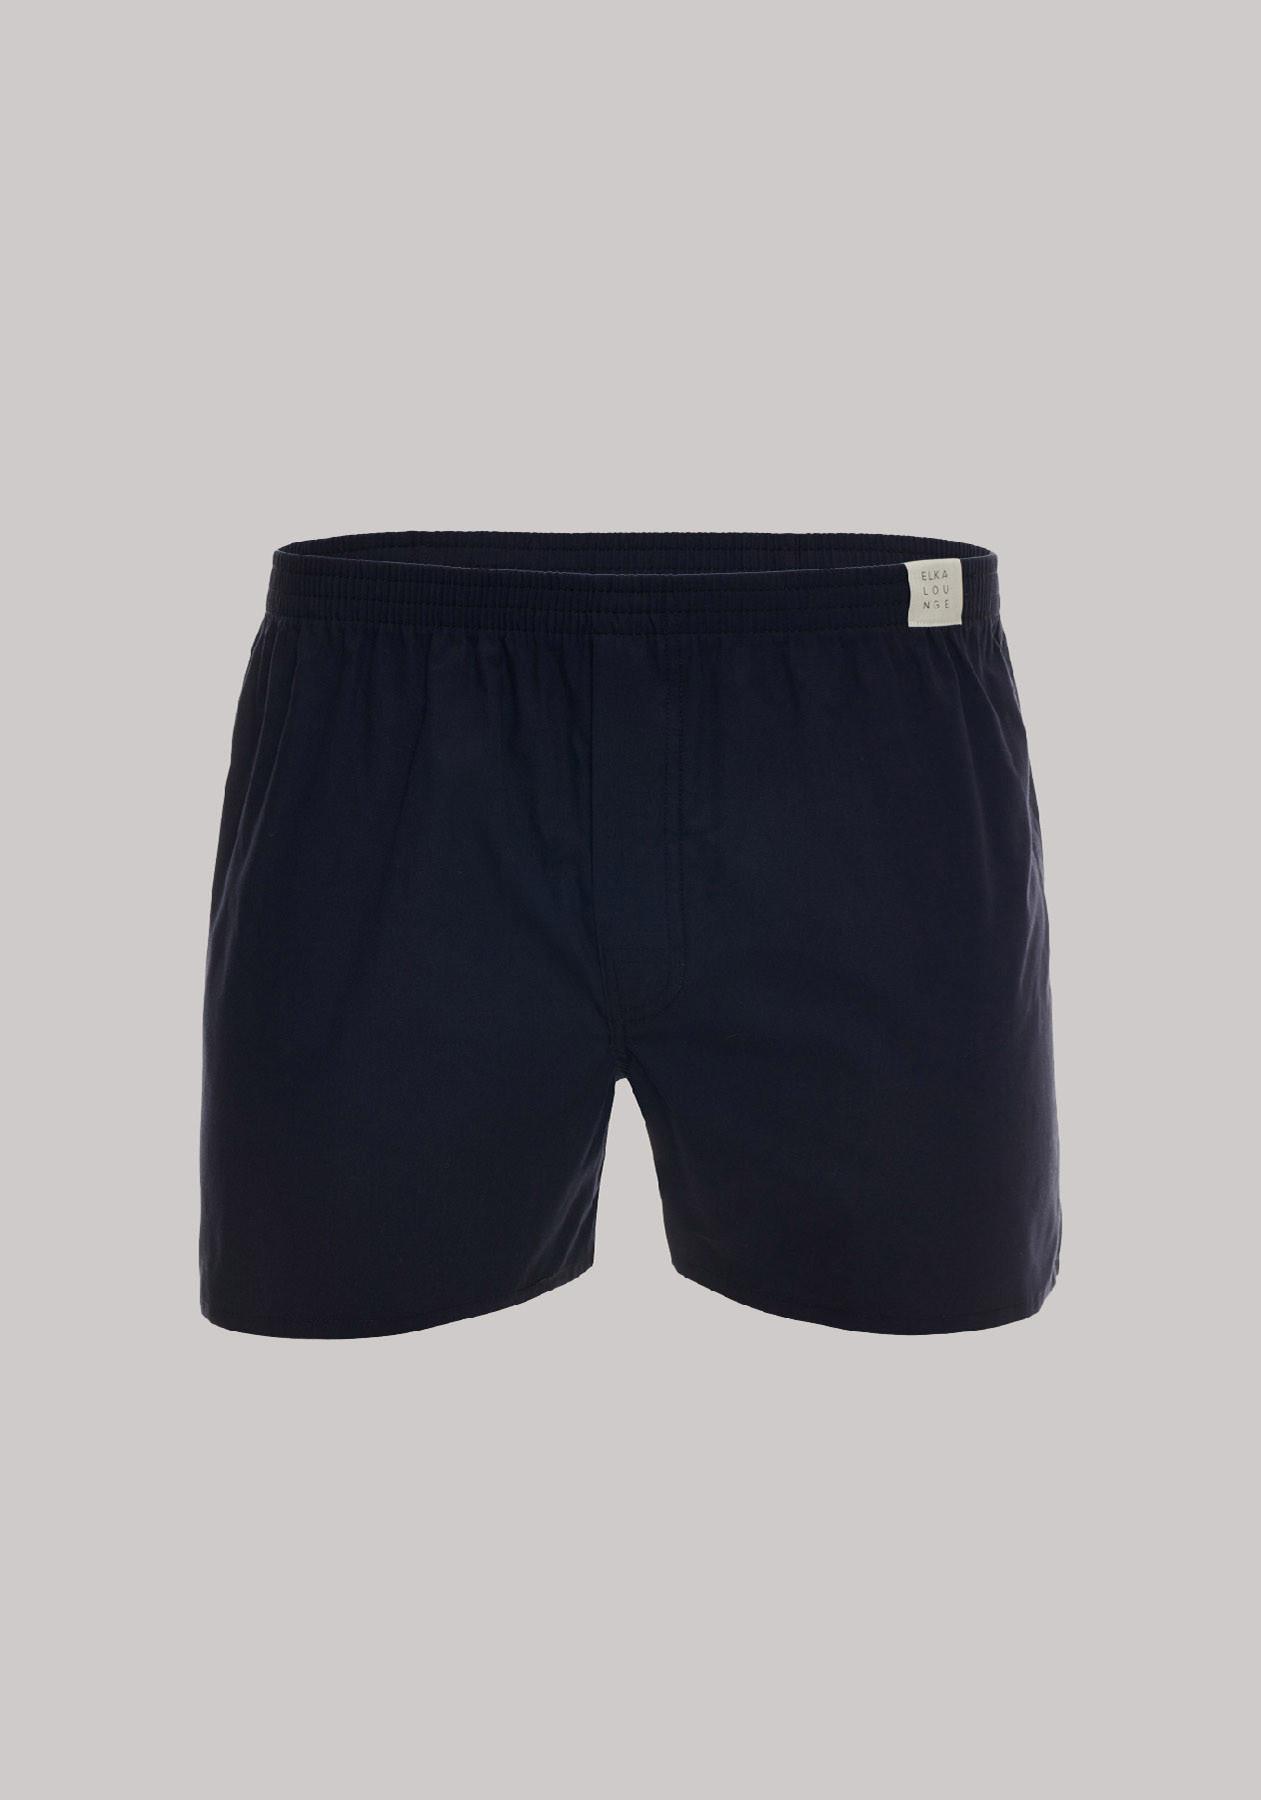 Men-boxershorts-ELKA-Lounge-M00582-02